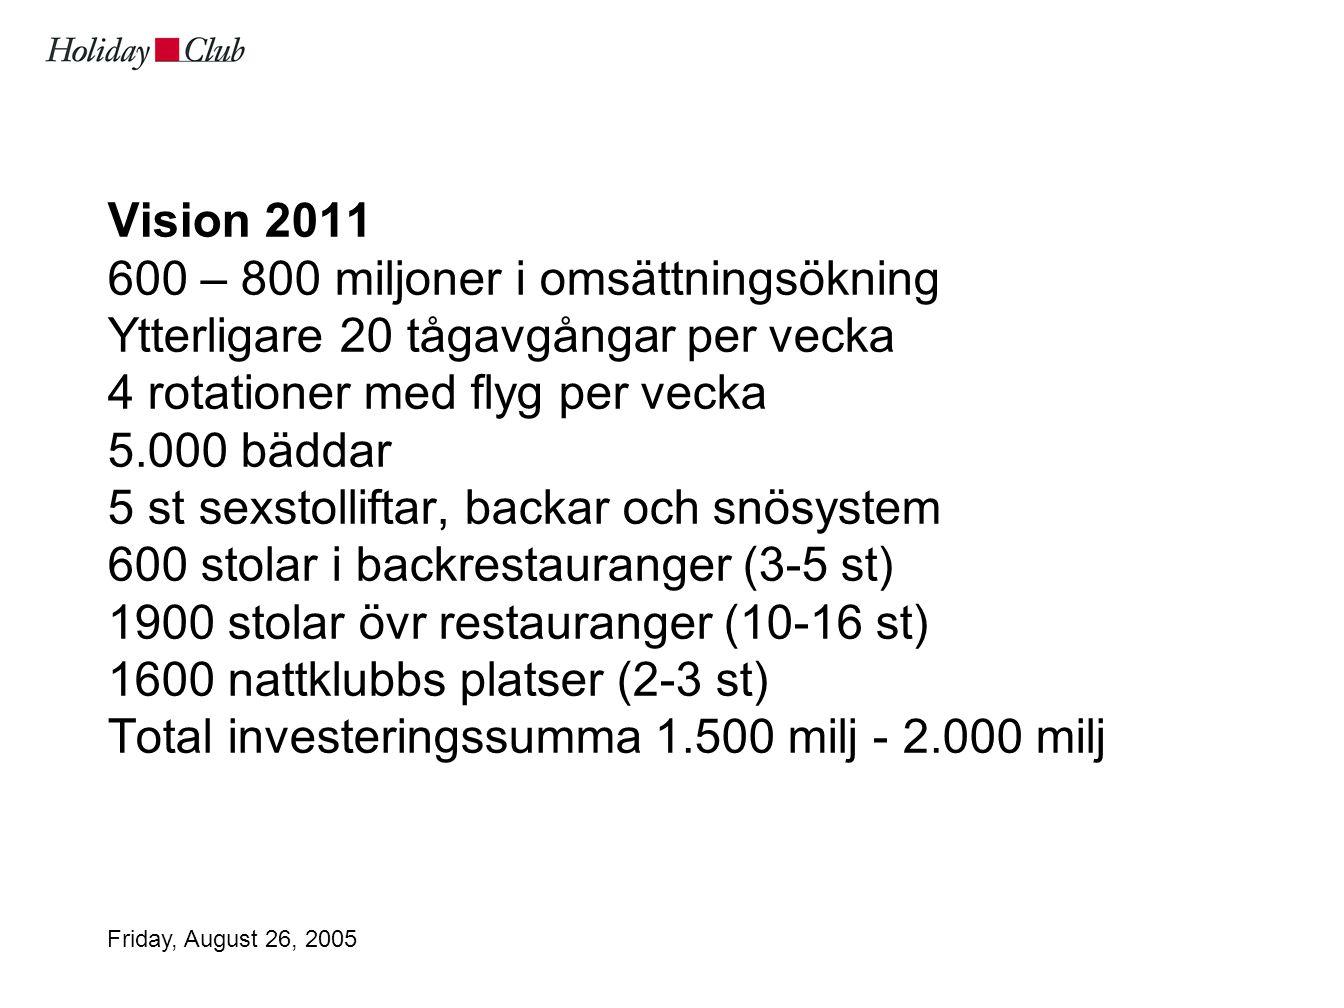 Friday, August 26, 2005 Vision 2011 600 – 800 miljoner i omsättningsökning Ytterligare 20 tågavgångar per vecka 4 rotationer med flyg per vecka 5.000 bäddar 5 st sexstolliftar, backar och snösystem 600 stolar i backrestauranger (3-5 st) 1900 stolar övr restauranger (10-16 st) 1600 nattklubbs platser (2-3 st) Total investeringssumma 1.500 milj - 2.000 milj